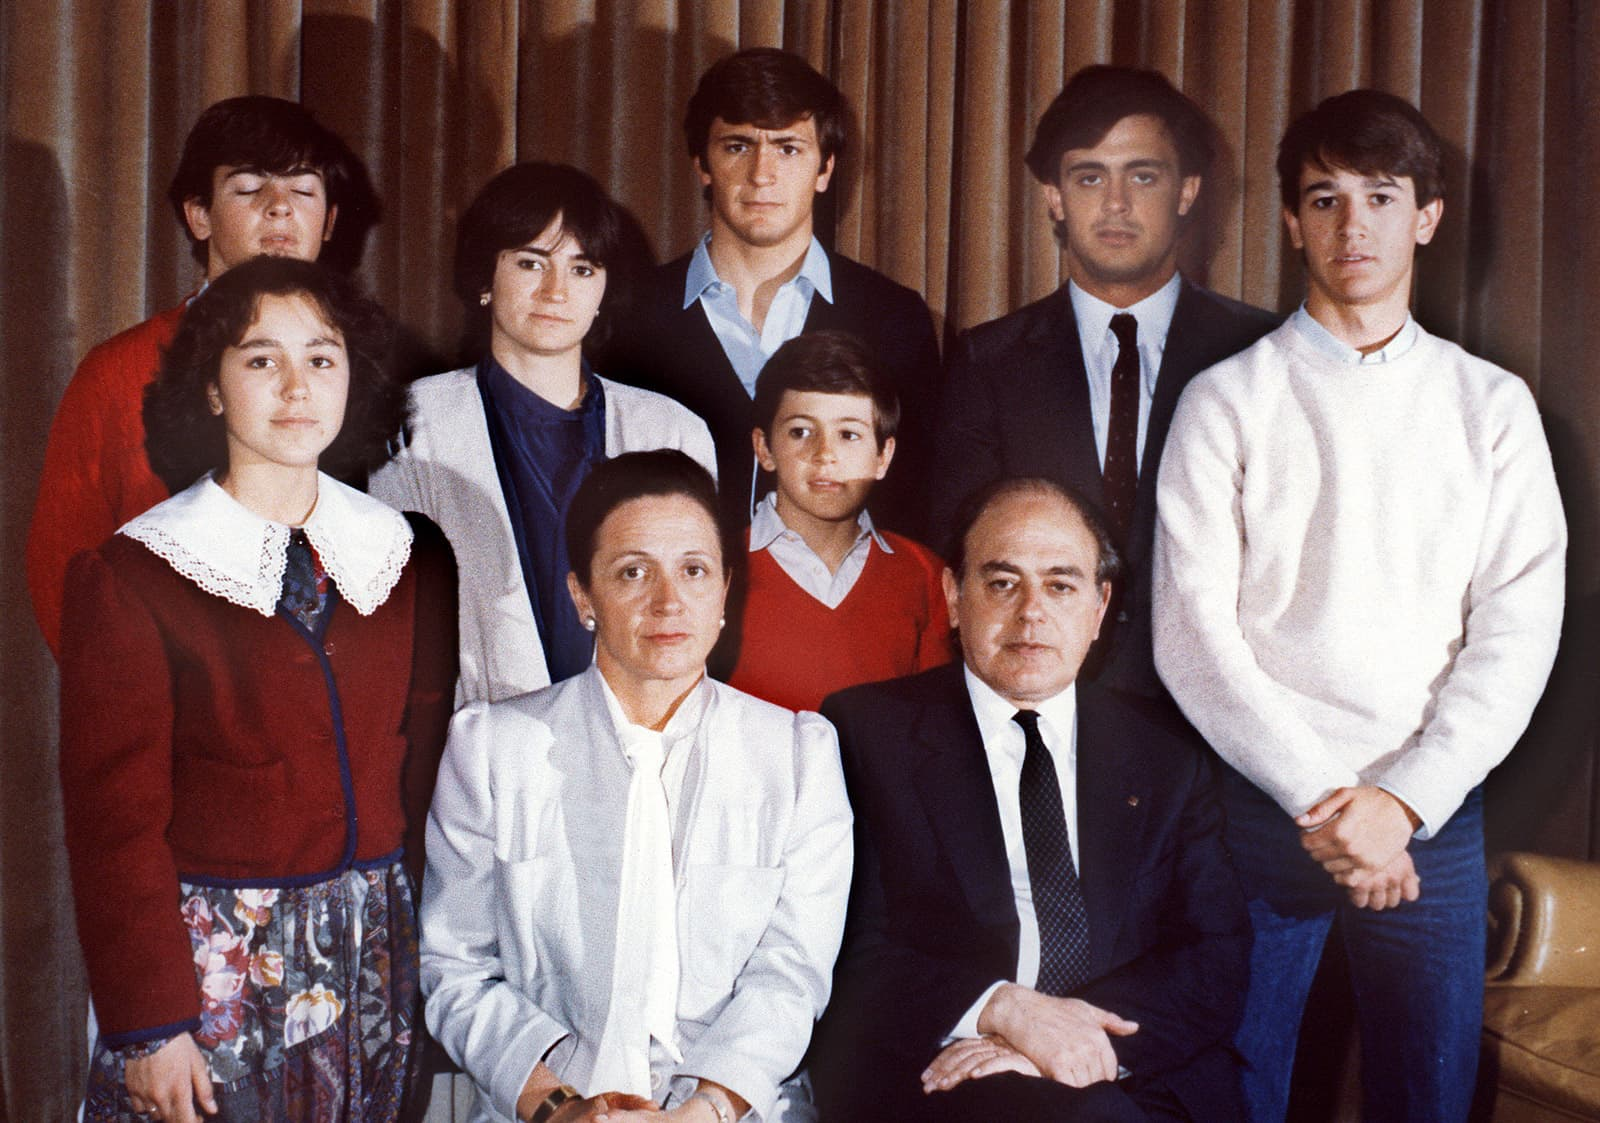 Jordi Pujol i Marta Ferrusola amb els seus set fills en una foto de família de 1986. Fotografia Efe